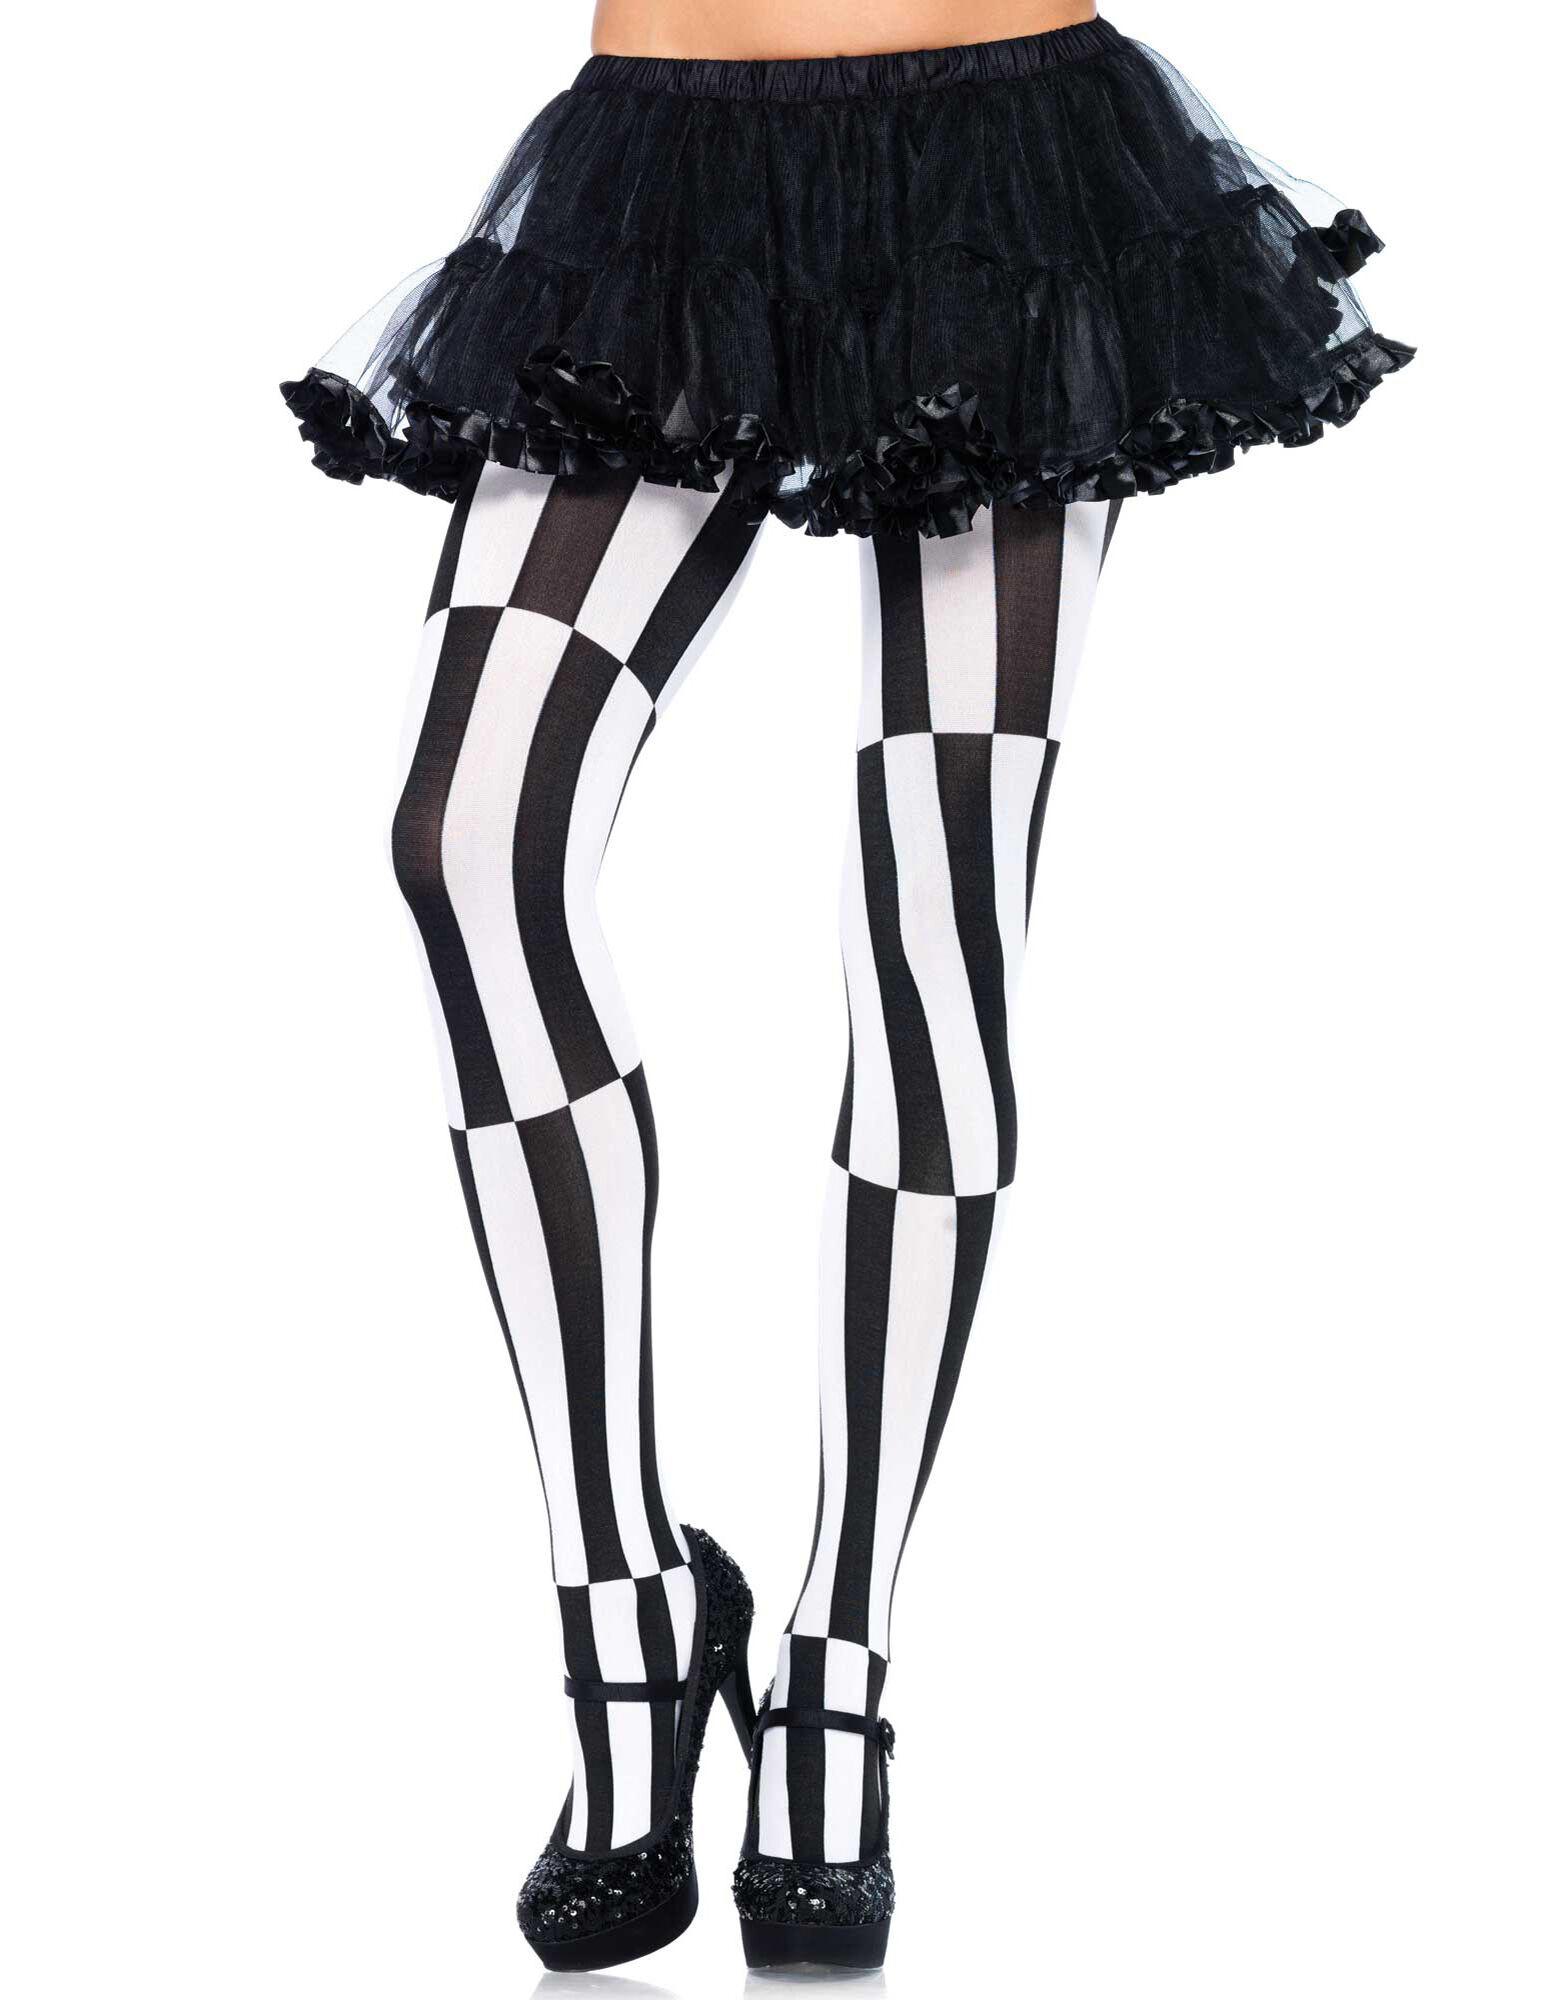 Deguisetoi Collants illusion d'optique noir et blanc femme - Taille: XL/2XL (48-52)